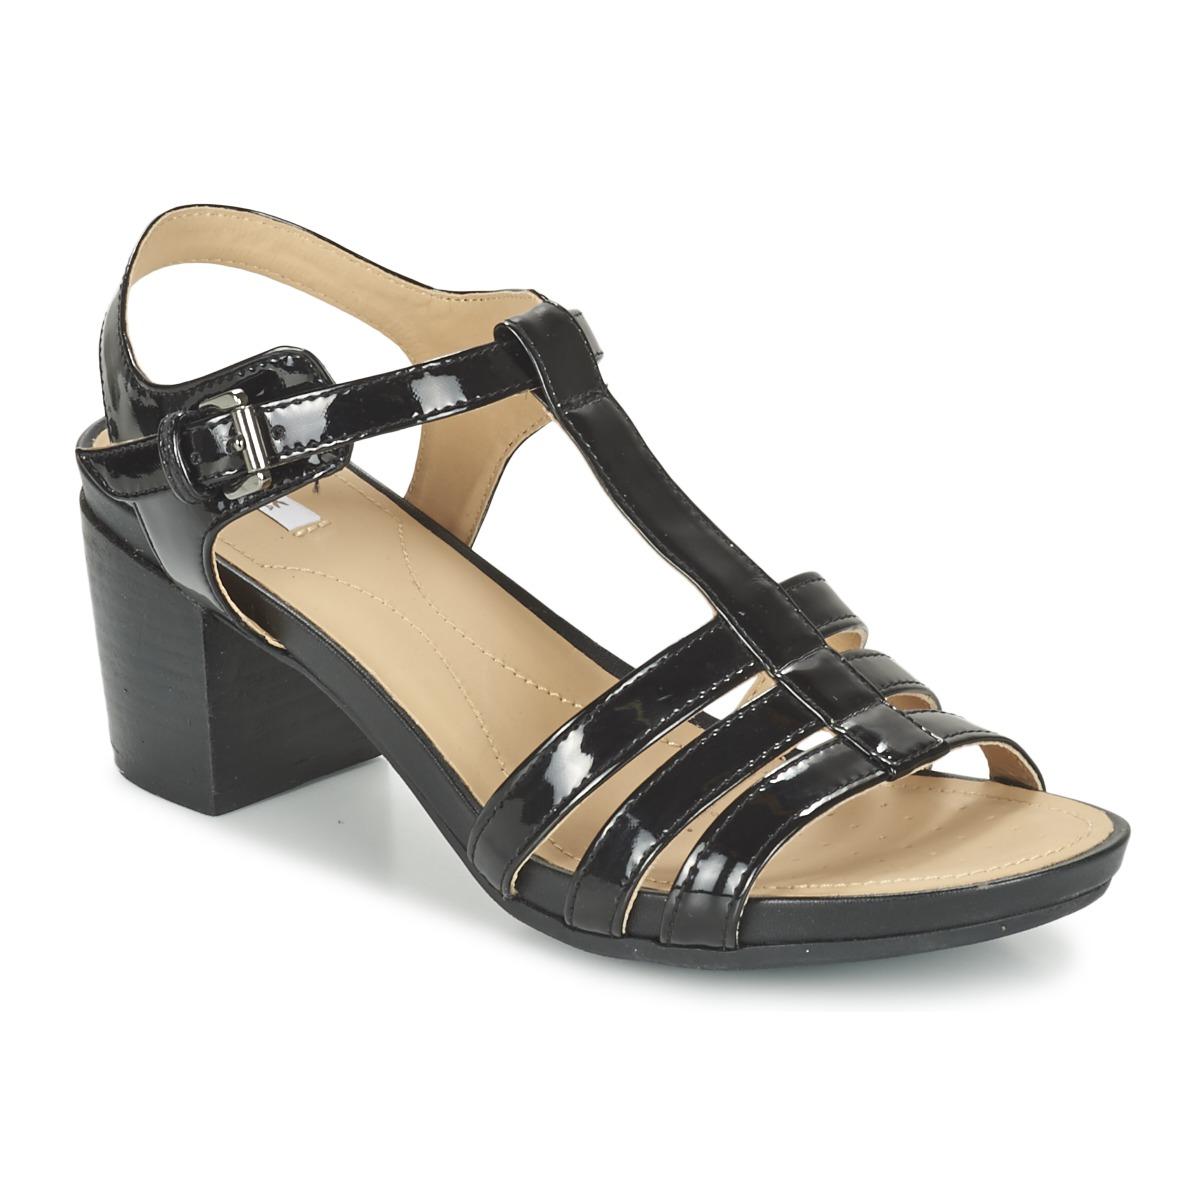 geox d symi c noir chaussure pas cher avec chaussures sandale femme 94 99. Black Bedroom Furniture Sets. Home Design Ideas